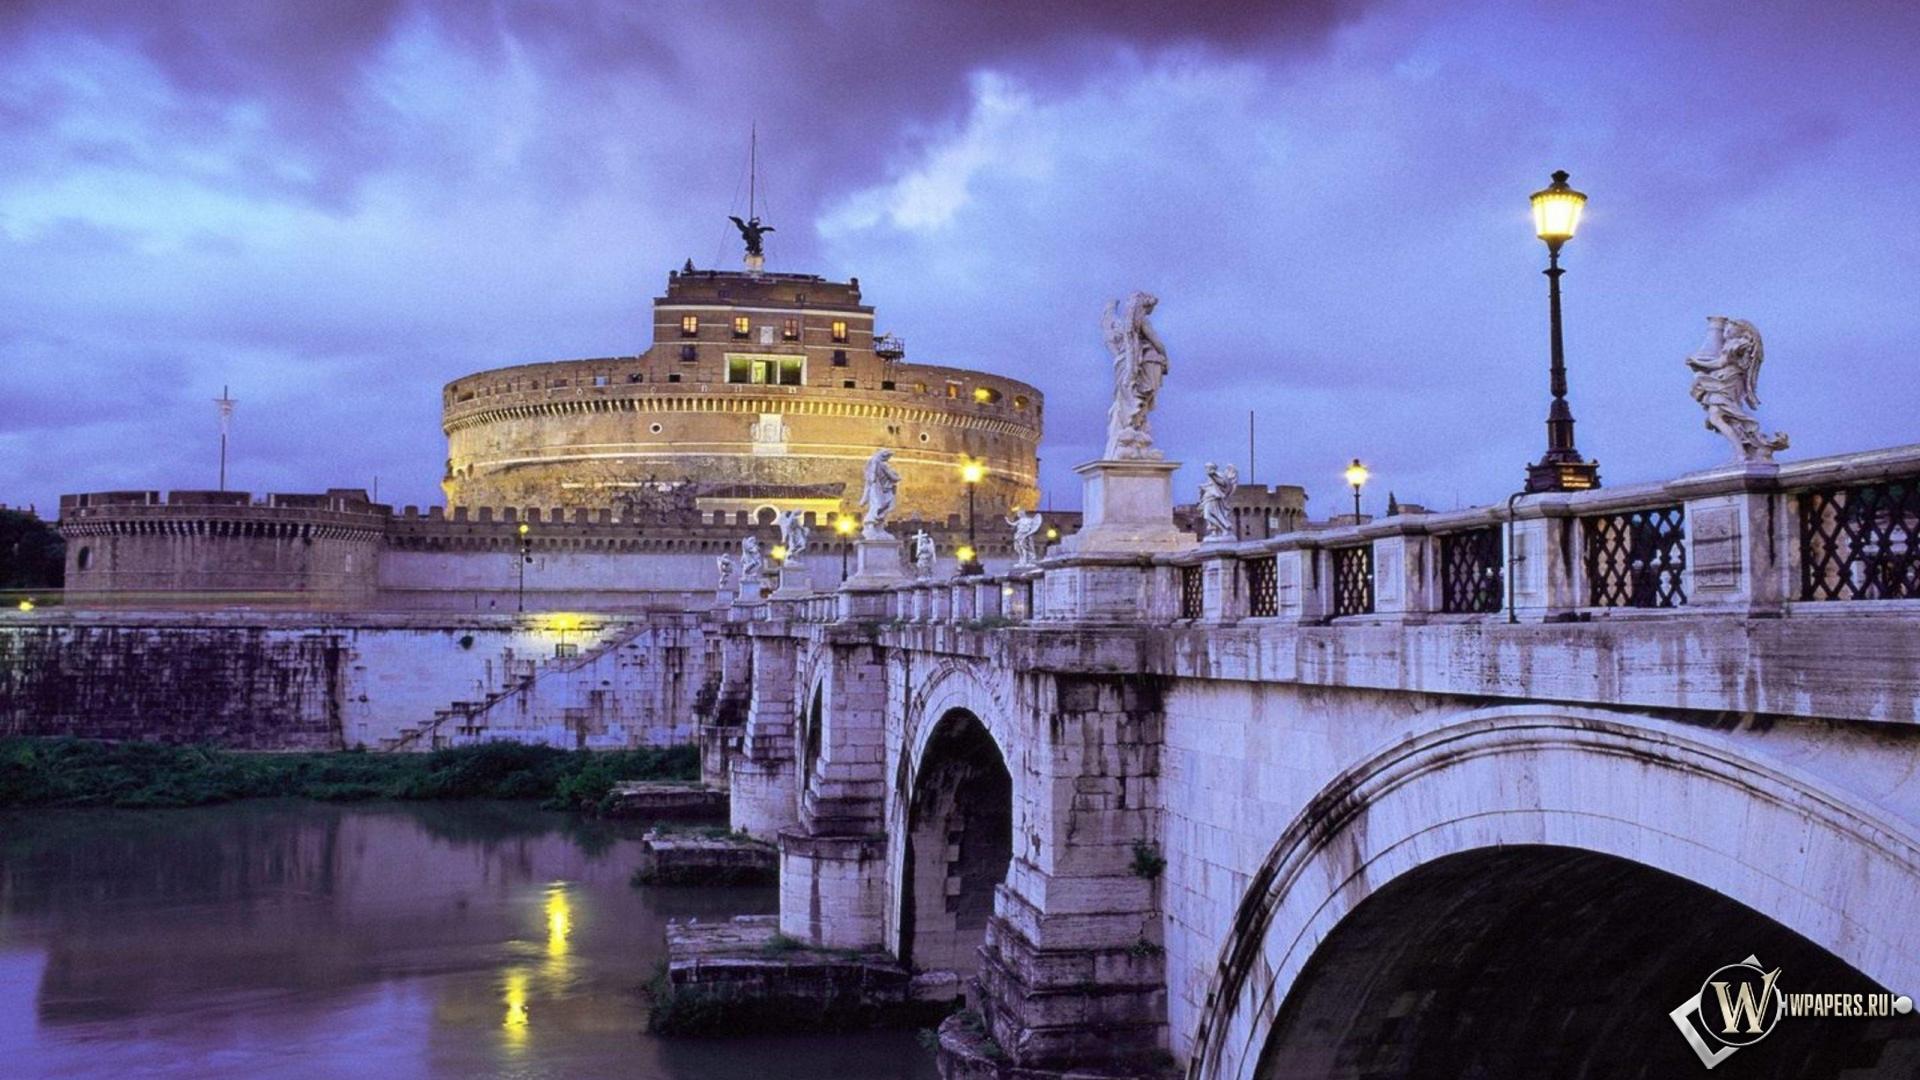 Италия (Рим) 1920x1080